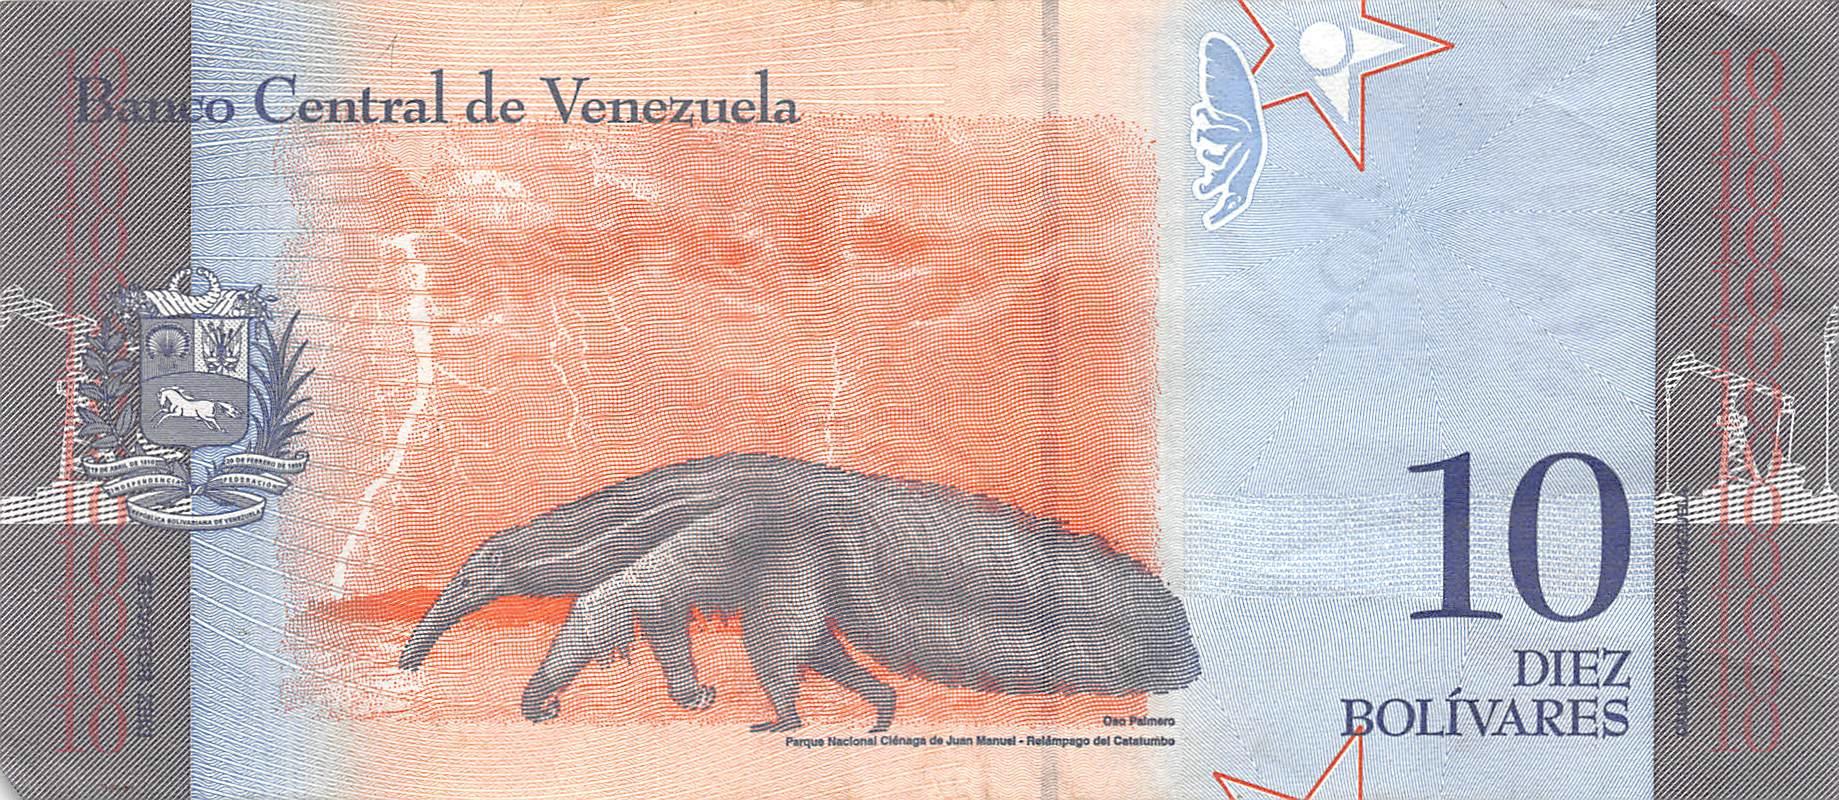 Venezuela 10 Bolivares 2018-01-15 Xf Pn 103a Prefix C